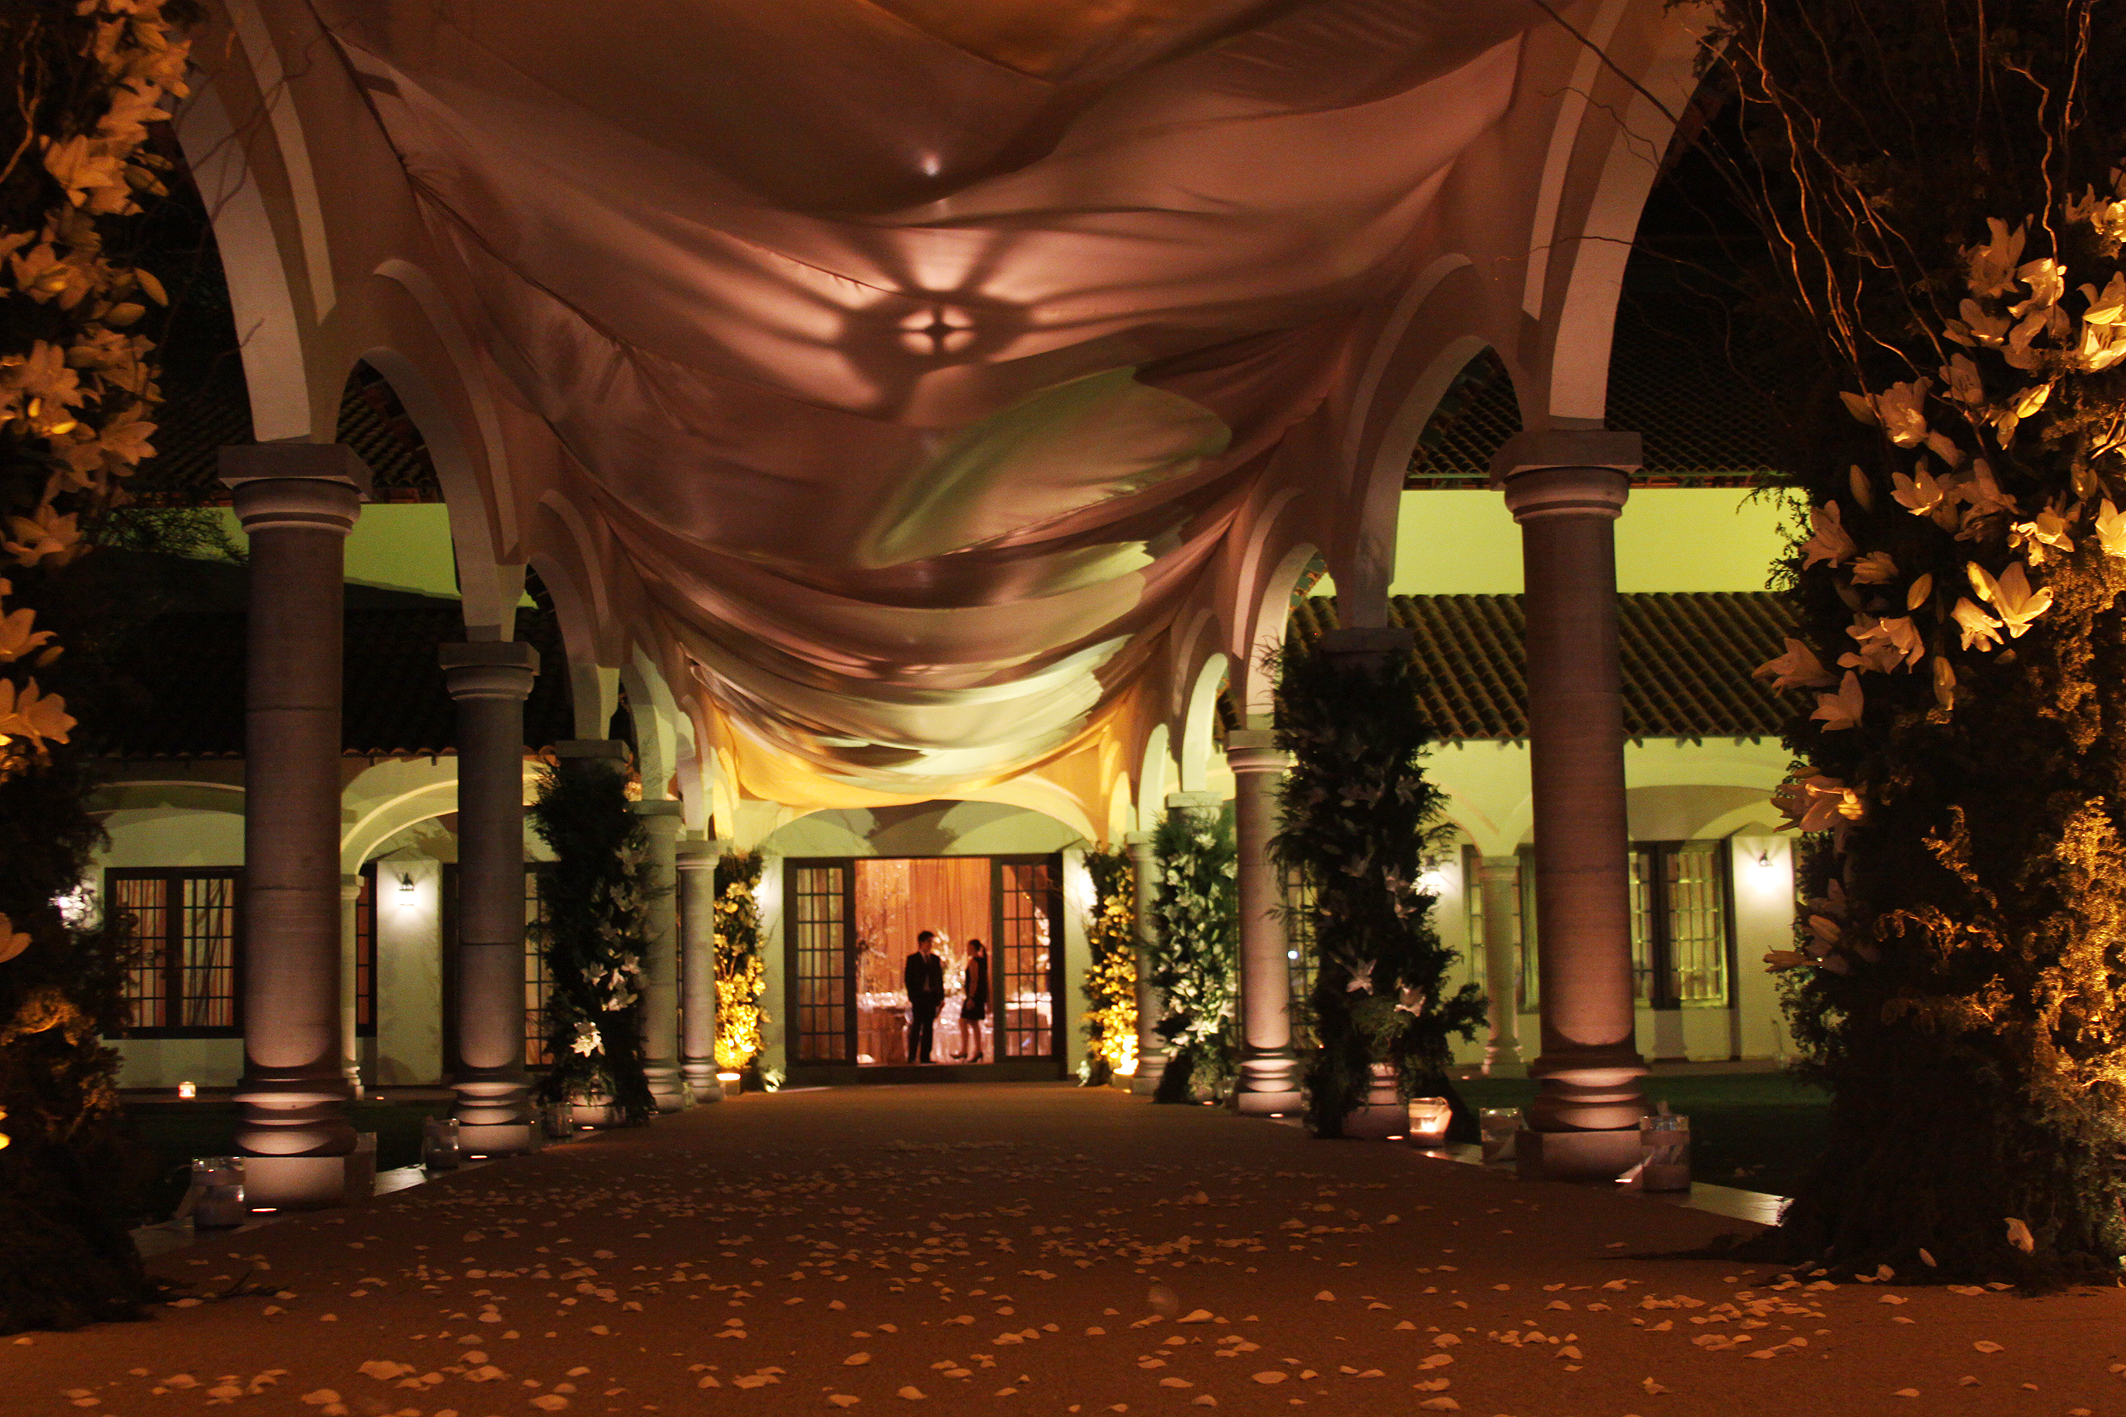 Hacienda del conde bodaensanmiguel for Salon de leon